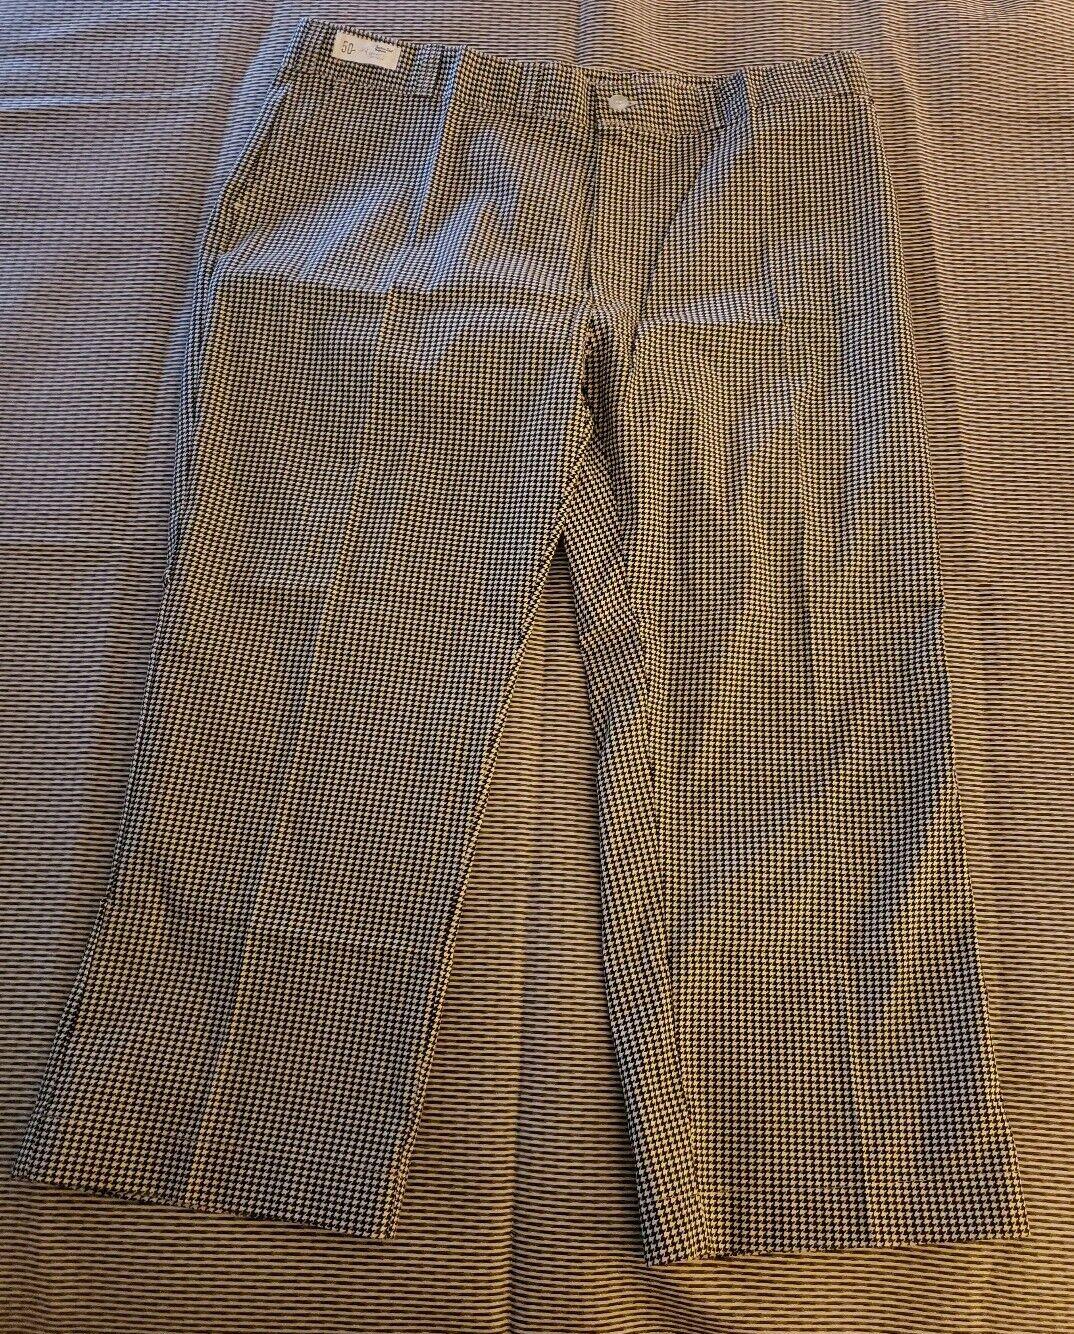 Vintage CHEF PANTS COTTON MENS work wear Chore TROUSER 50 x 29